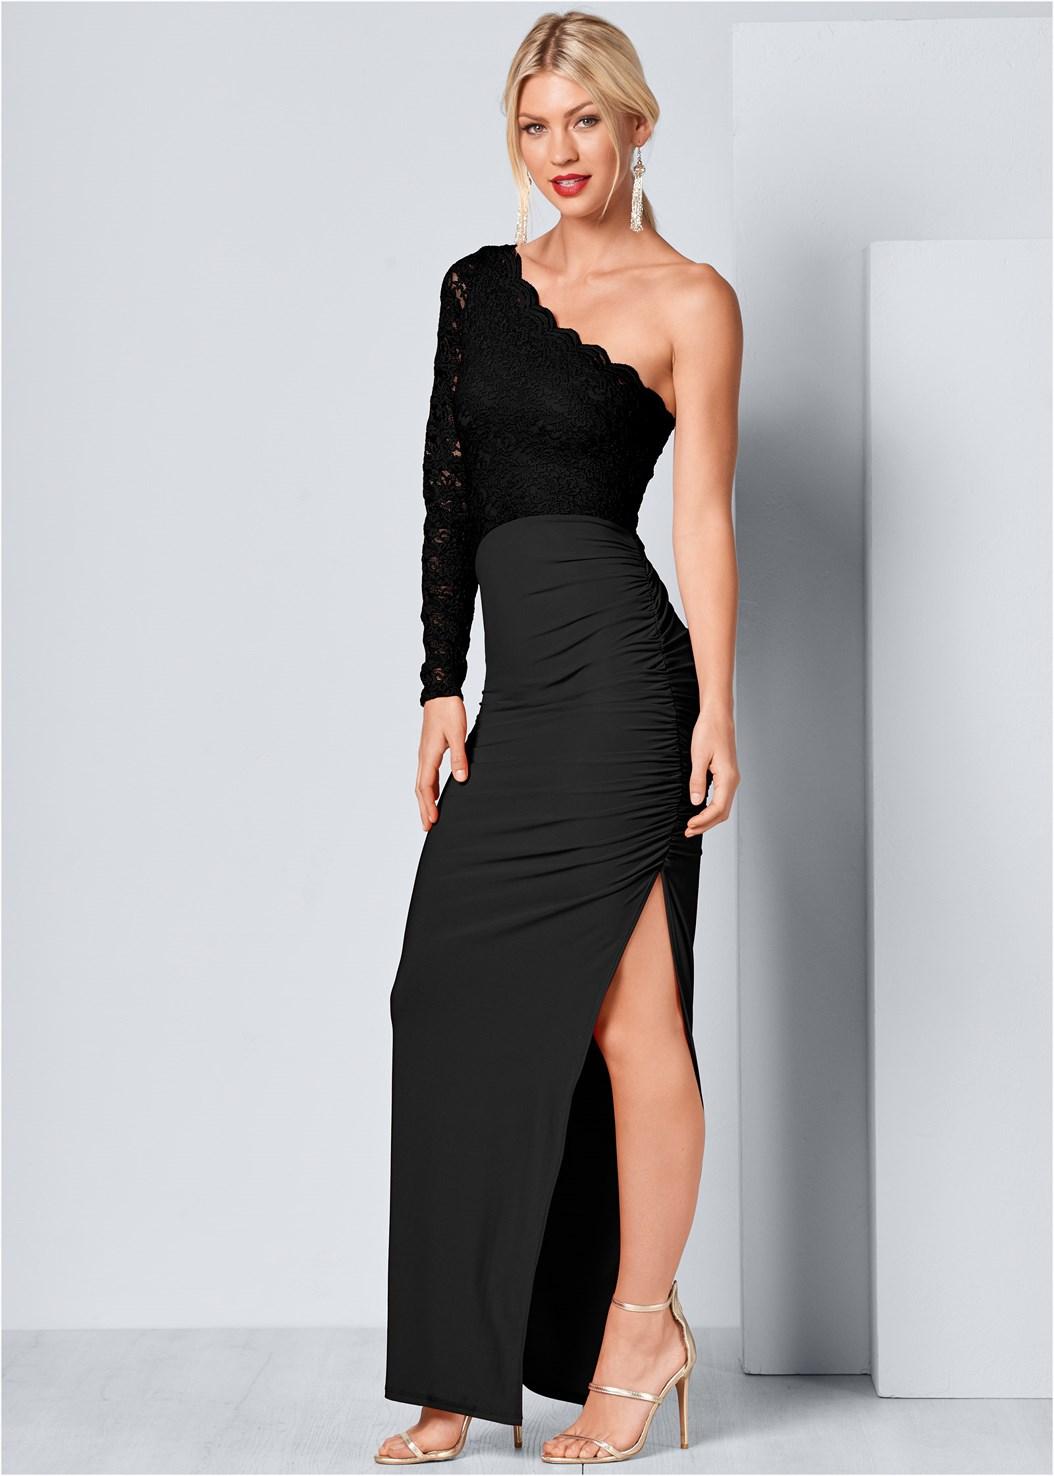 One Shoulder Long Dress,High Heel Strappy Sandals